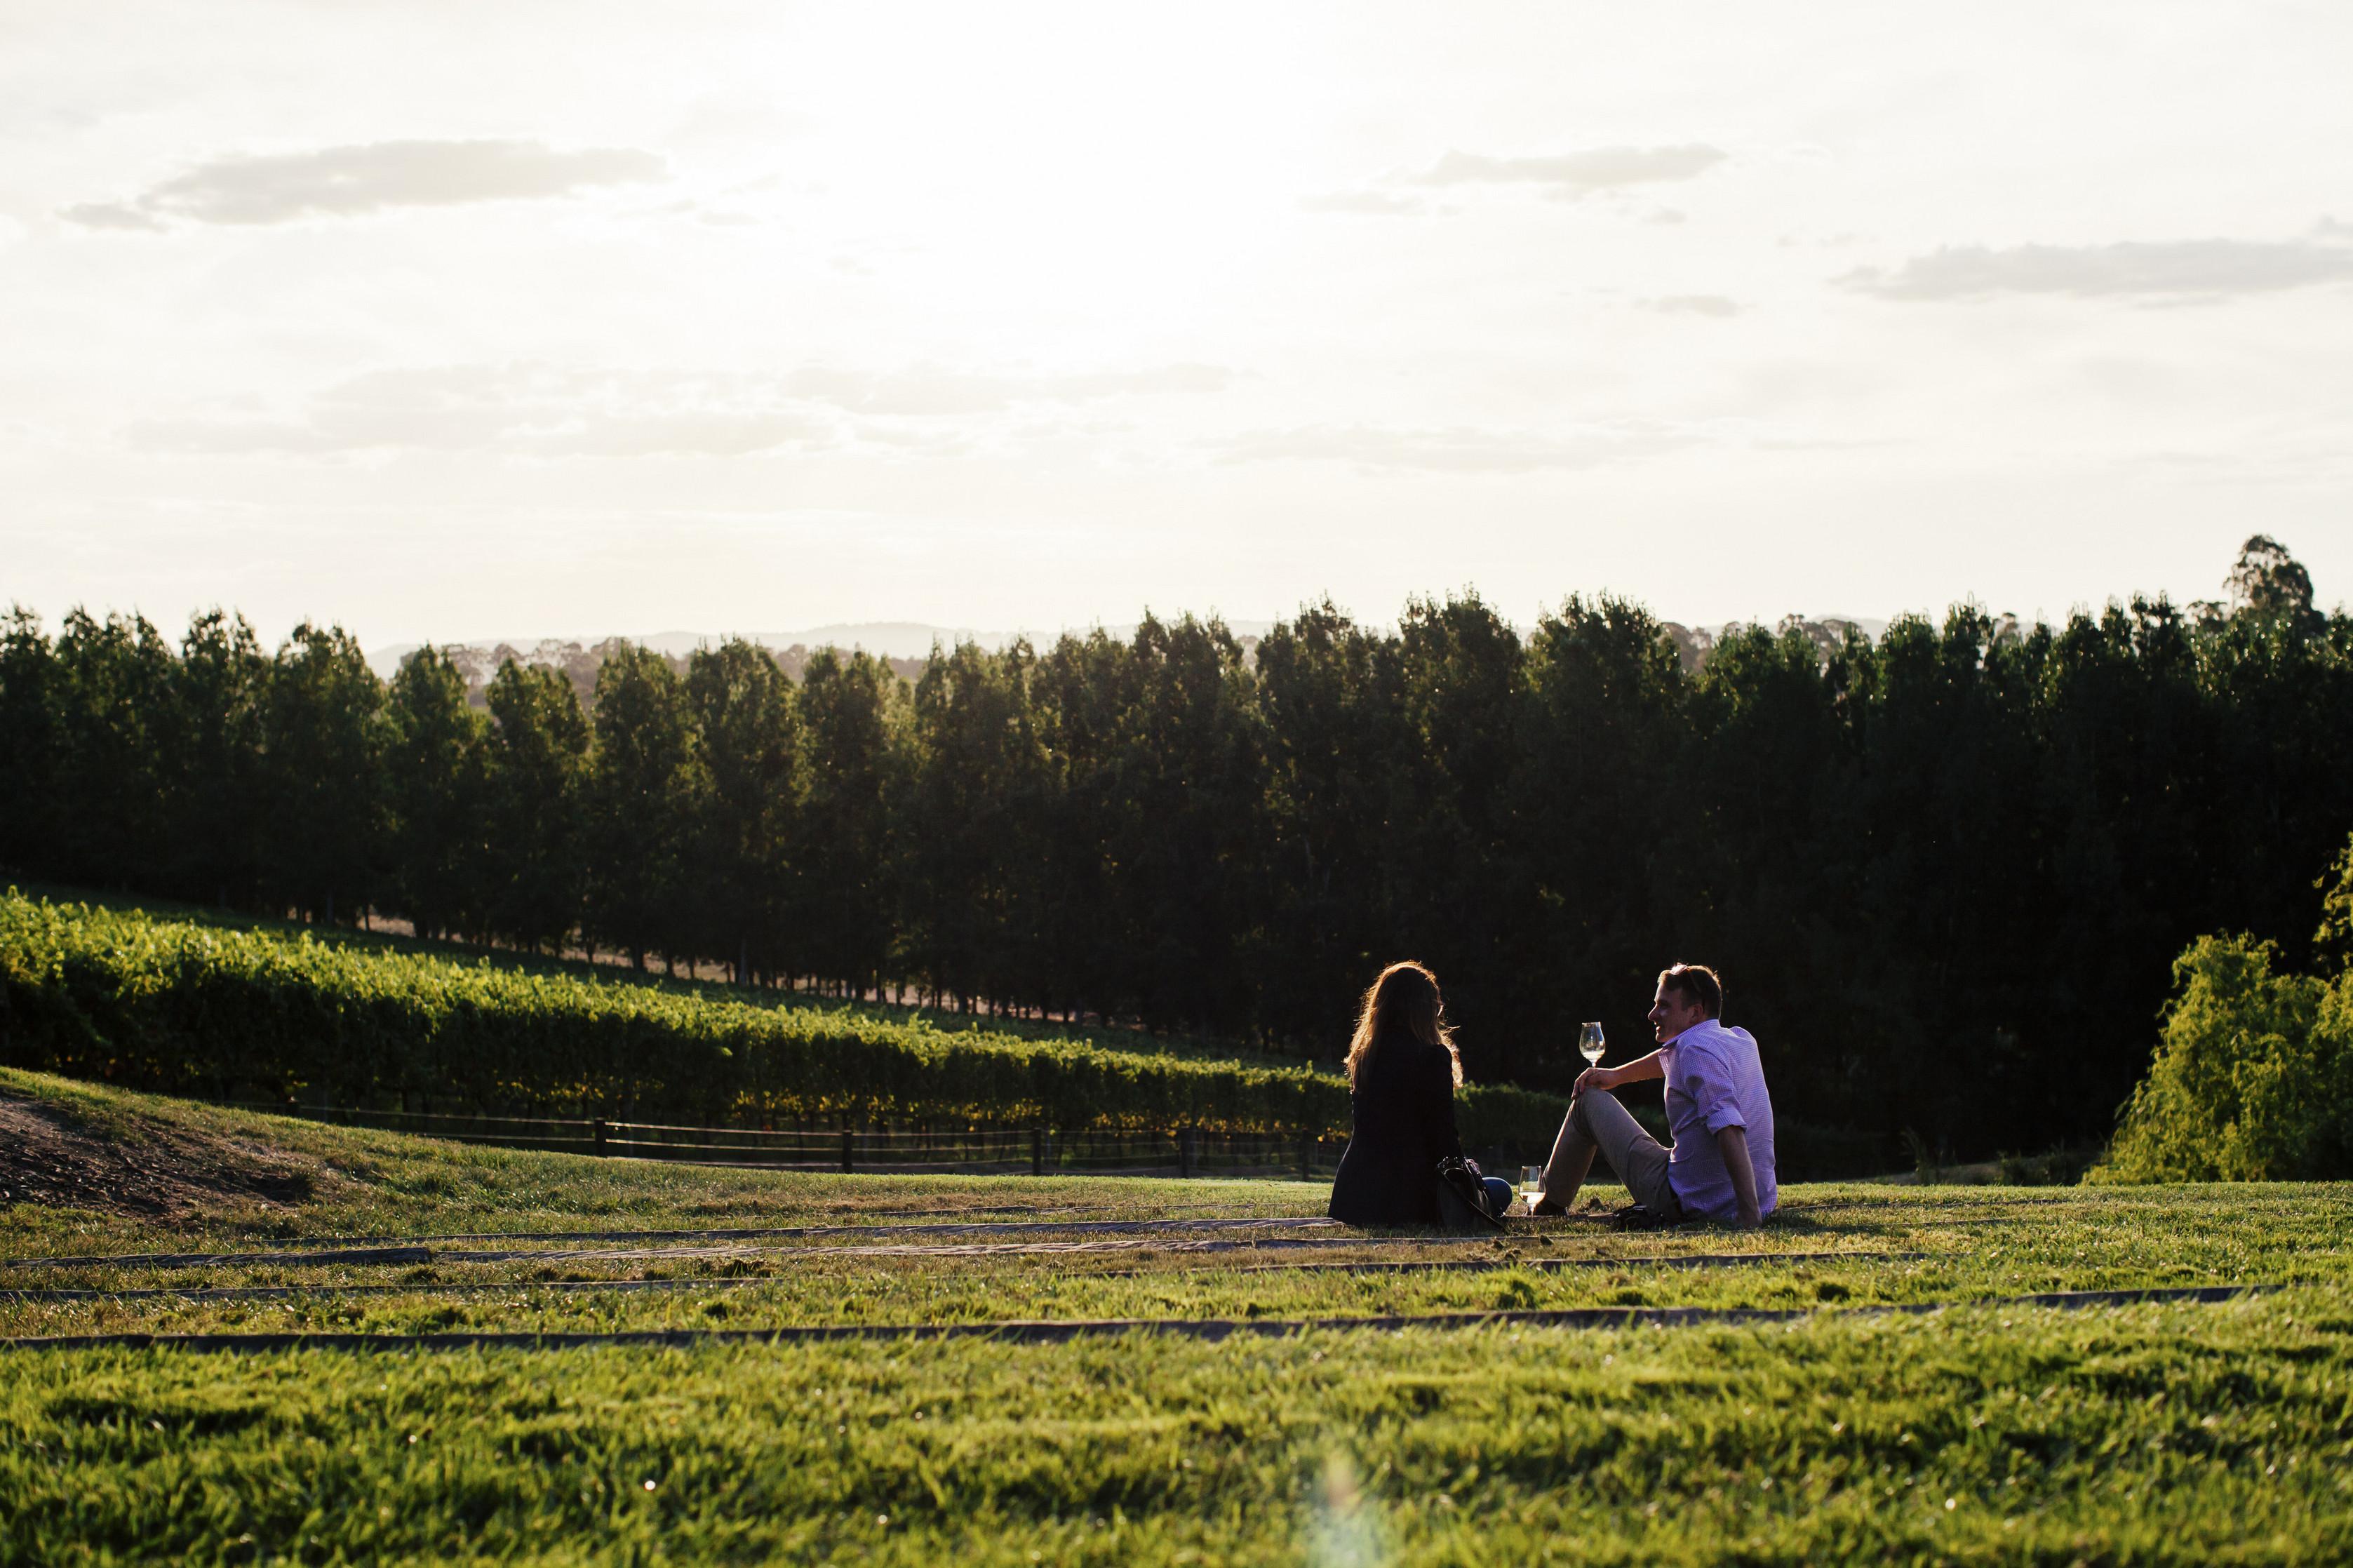 Royale Vip Private 187 Hunter Valley Wine Escape